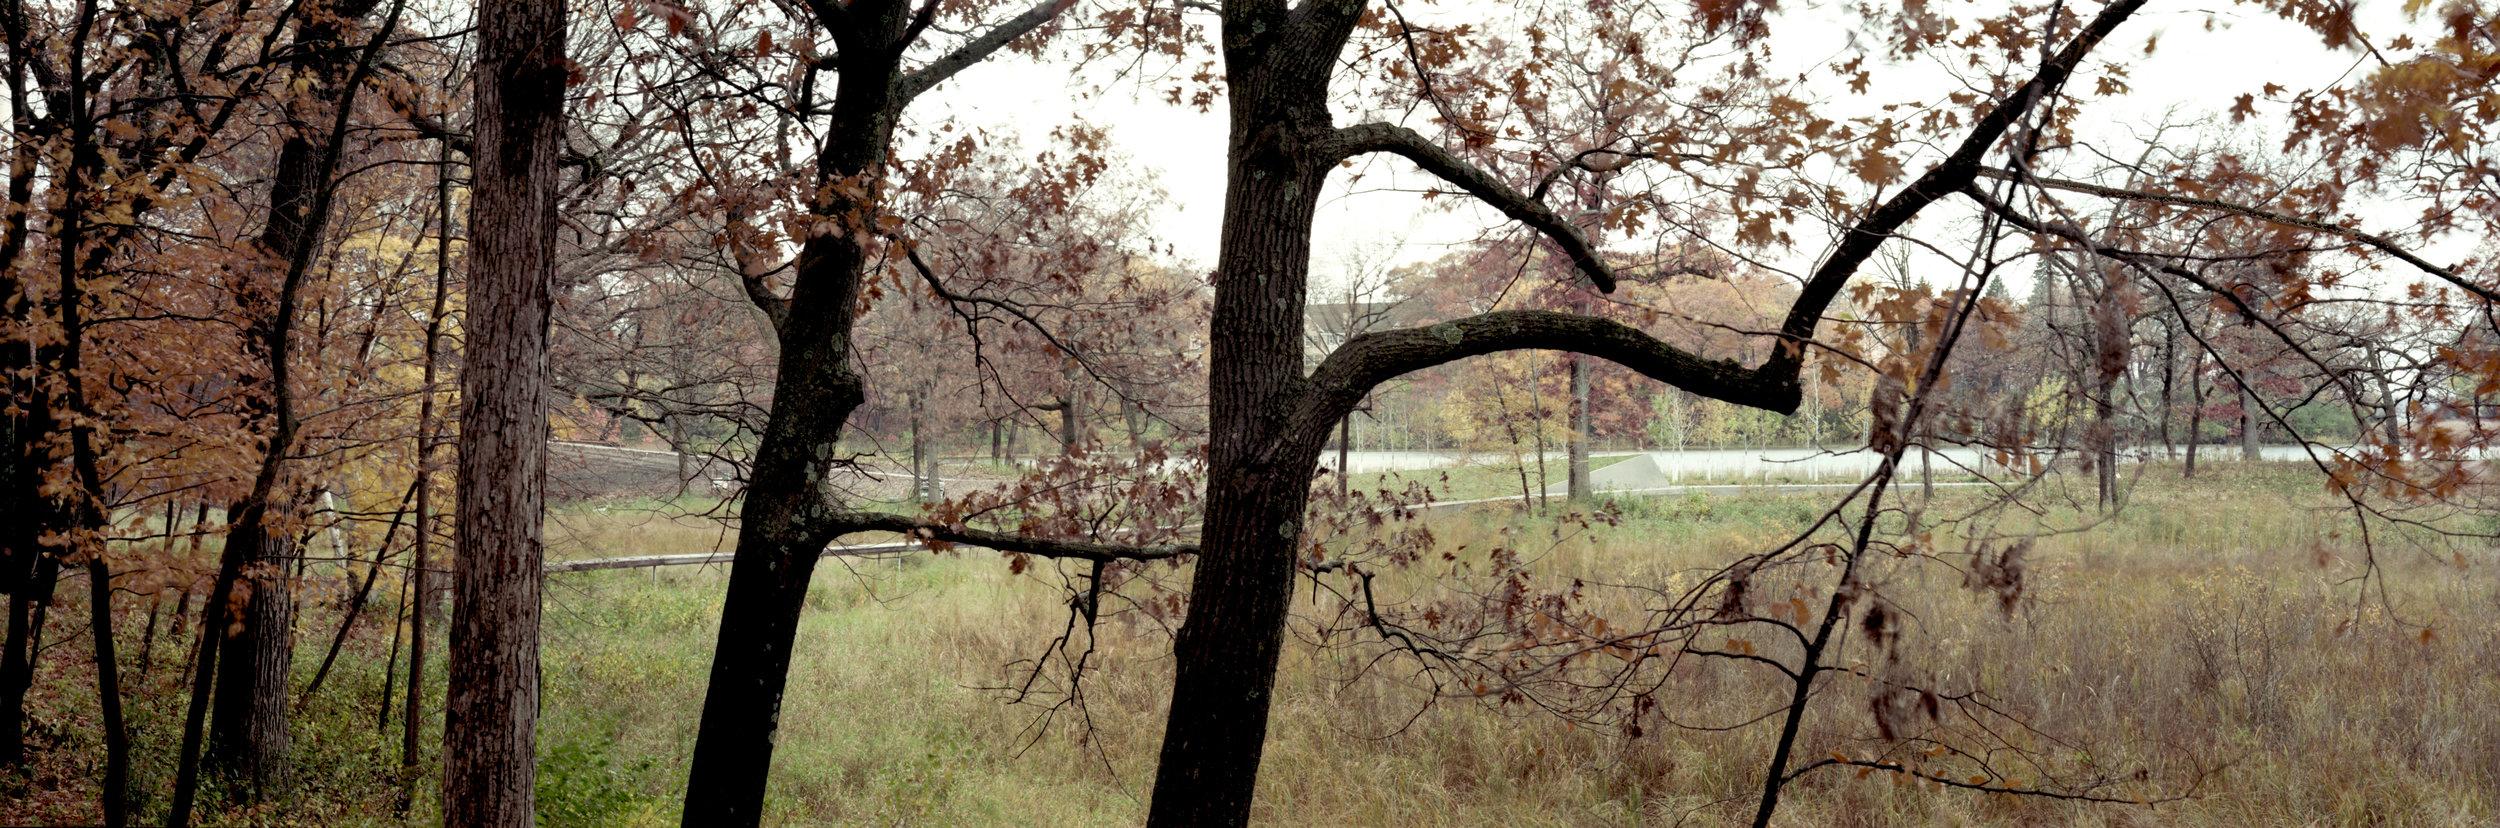 Lake Marion029_edit.jpg